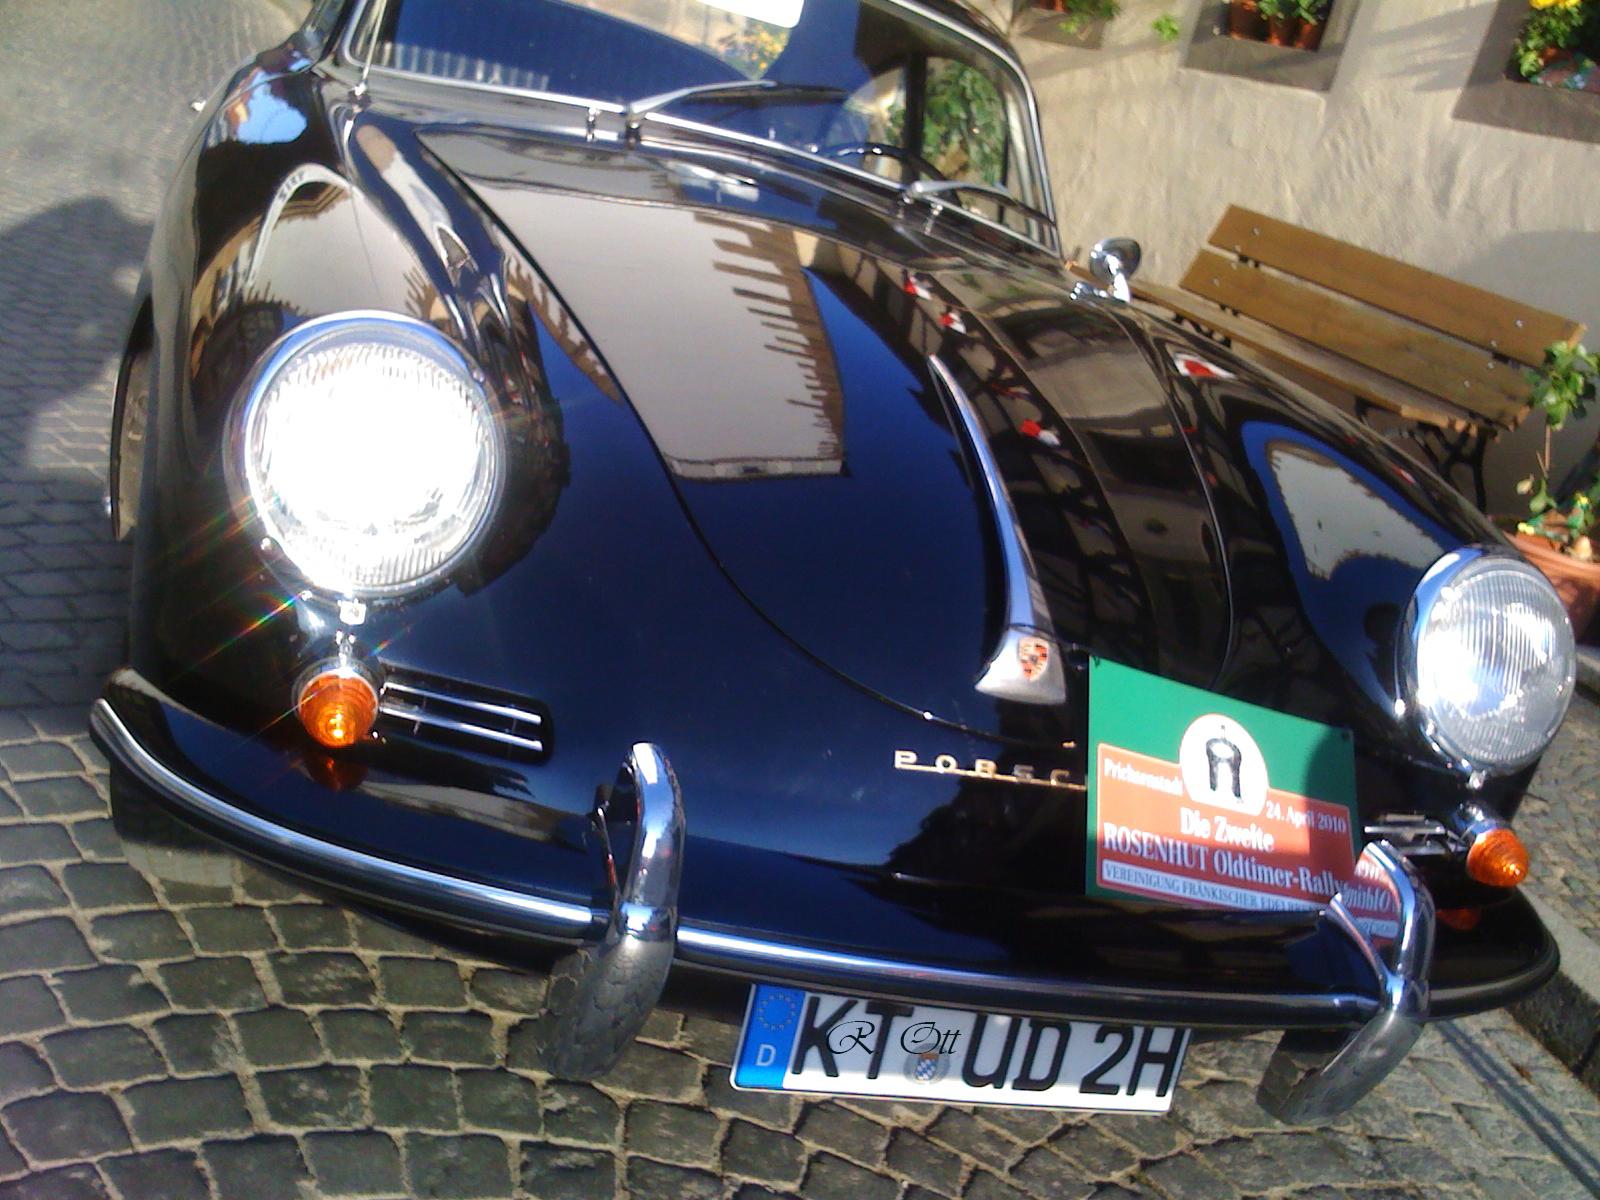 Prichsenstadt Oldtimer Rallye 2010 Porsche 356